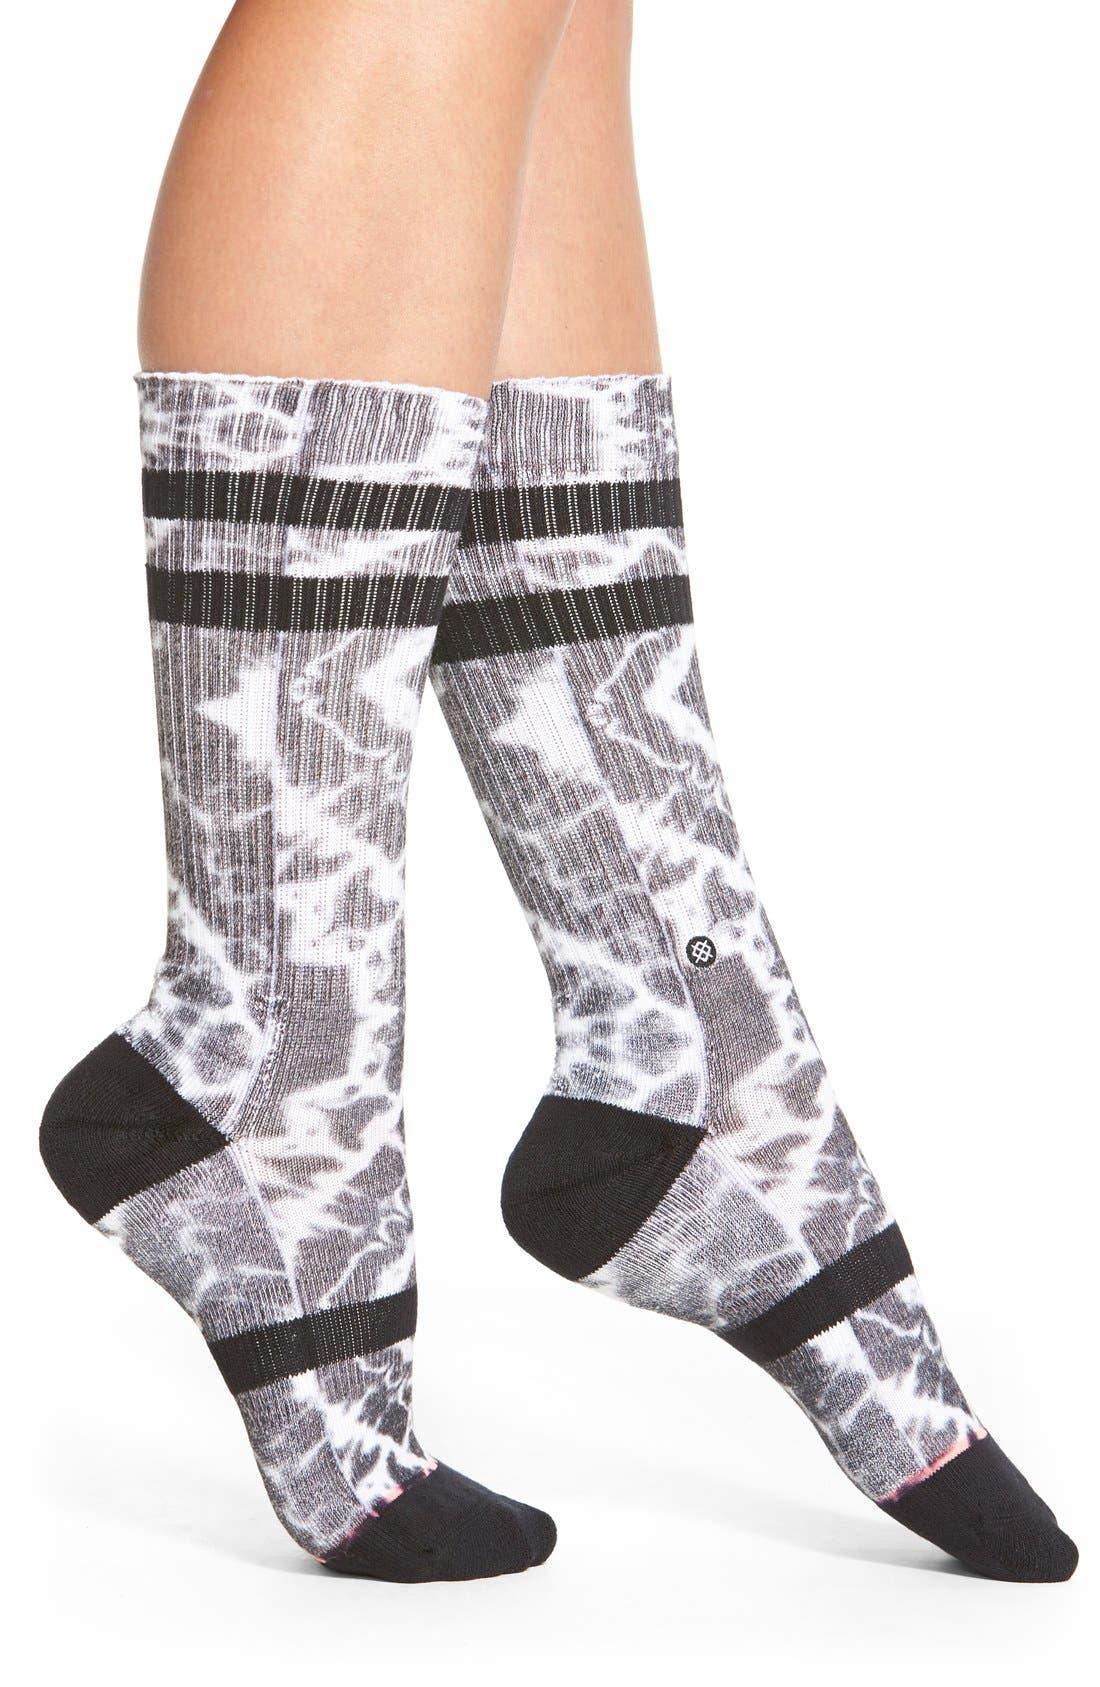 Main Image - Stance 'Prism' Combed Cotton Blend Socks